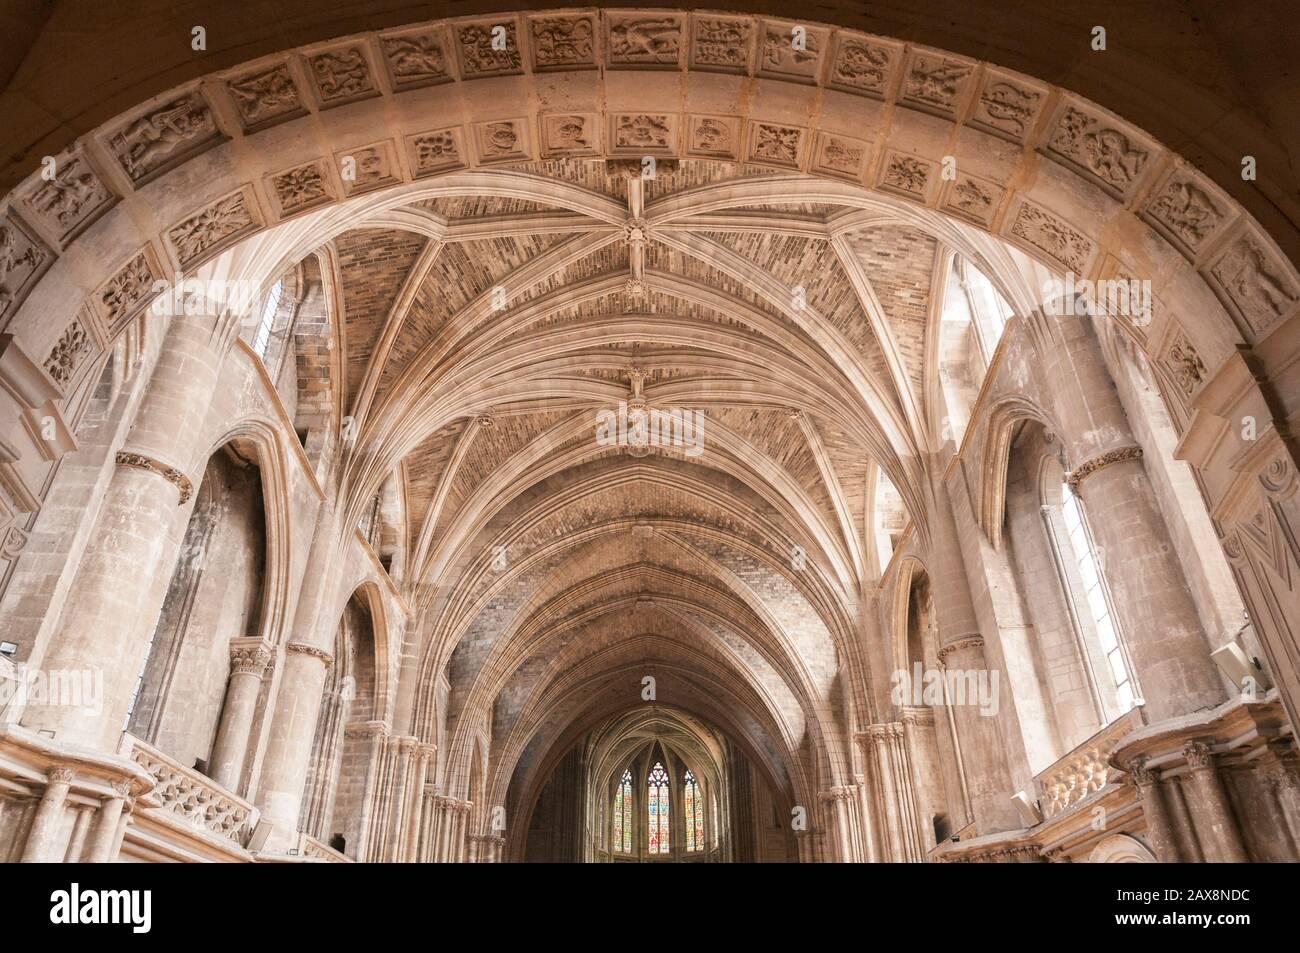 Interieur, Kathedrale von Bordeaux, Bordeaux, Aquitaine, Frankreich Stock Photo